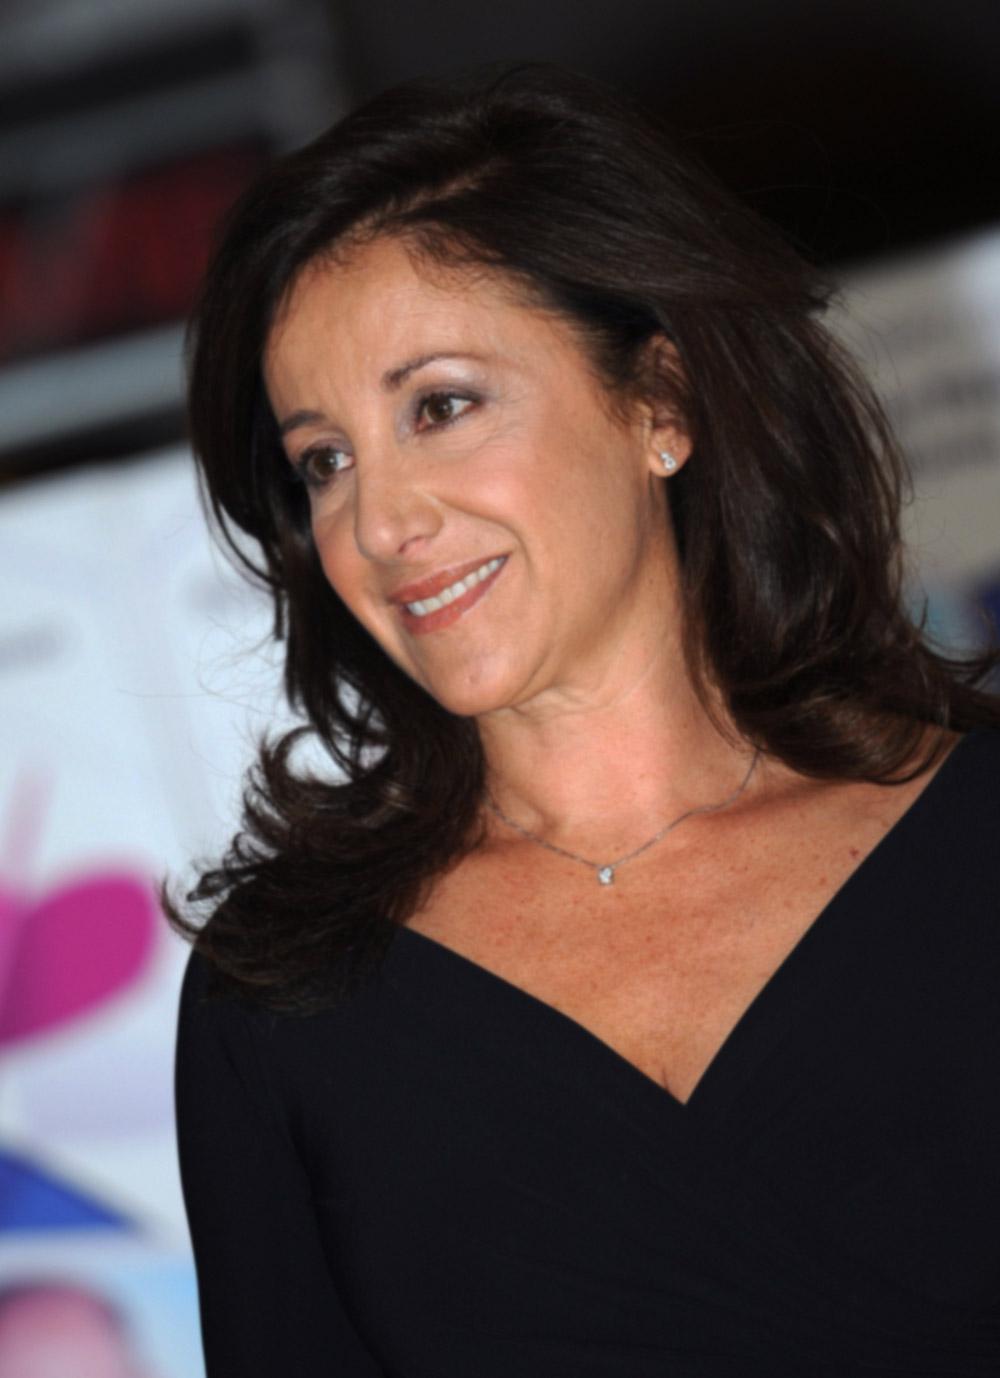 In foto Carla Signoris (61 anni) Dall'articolo: I maschi: un bersaglio facile.